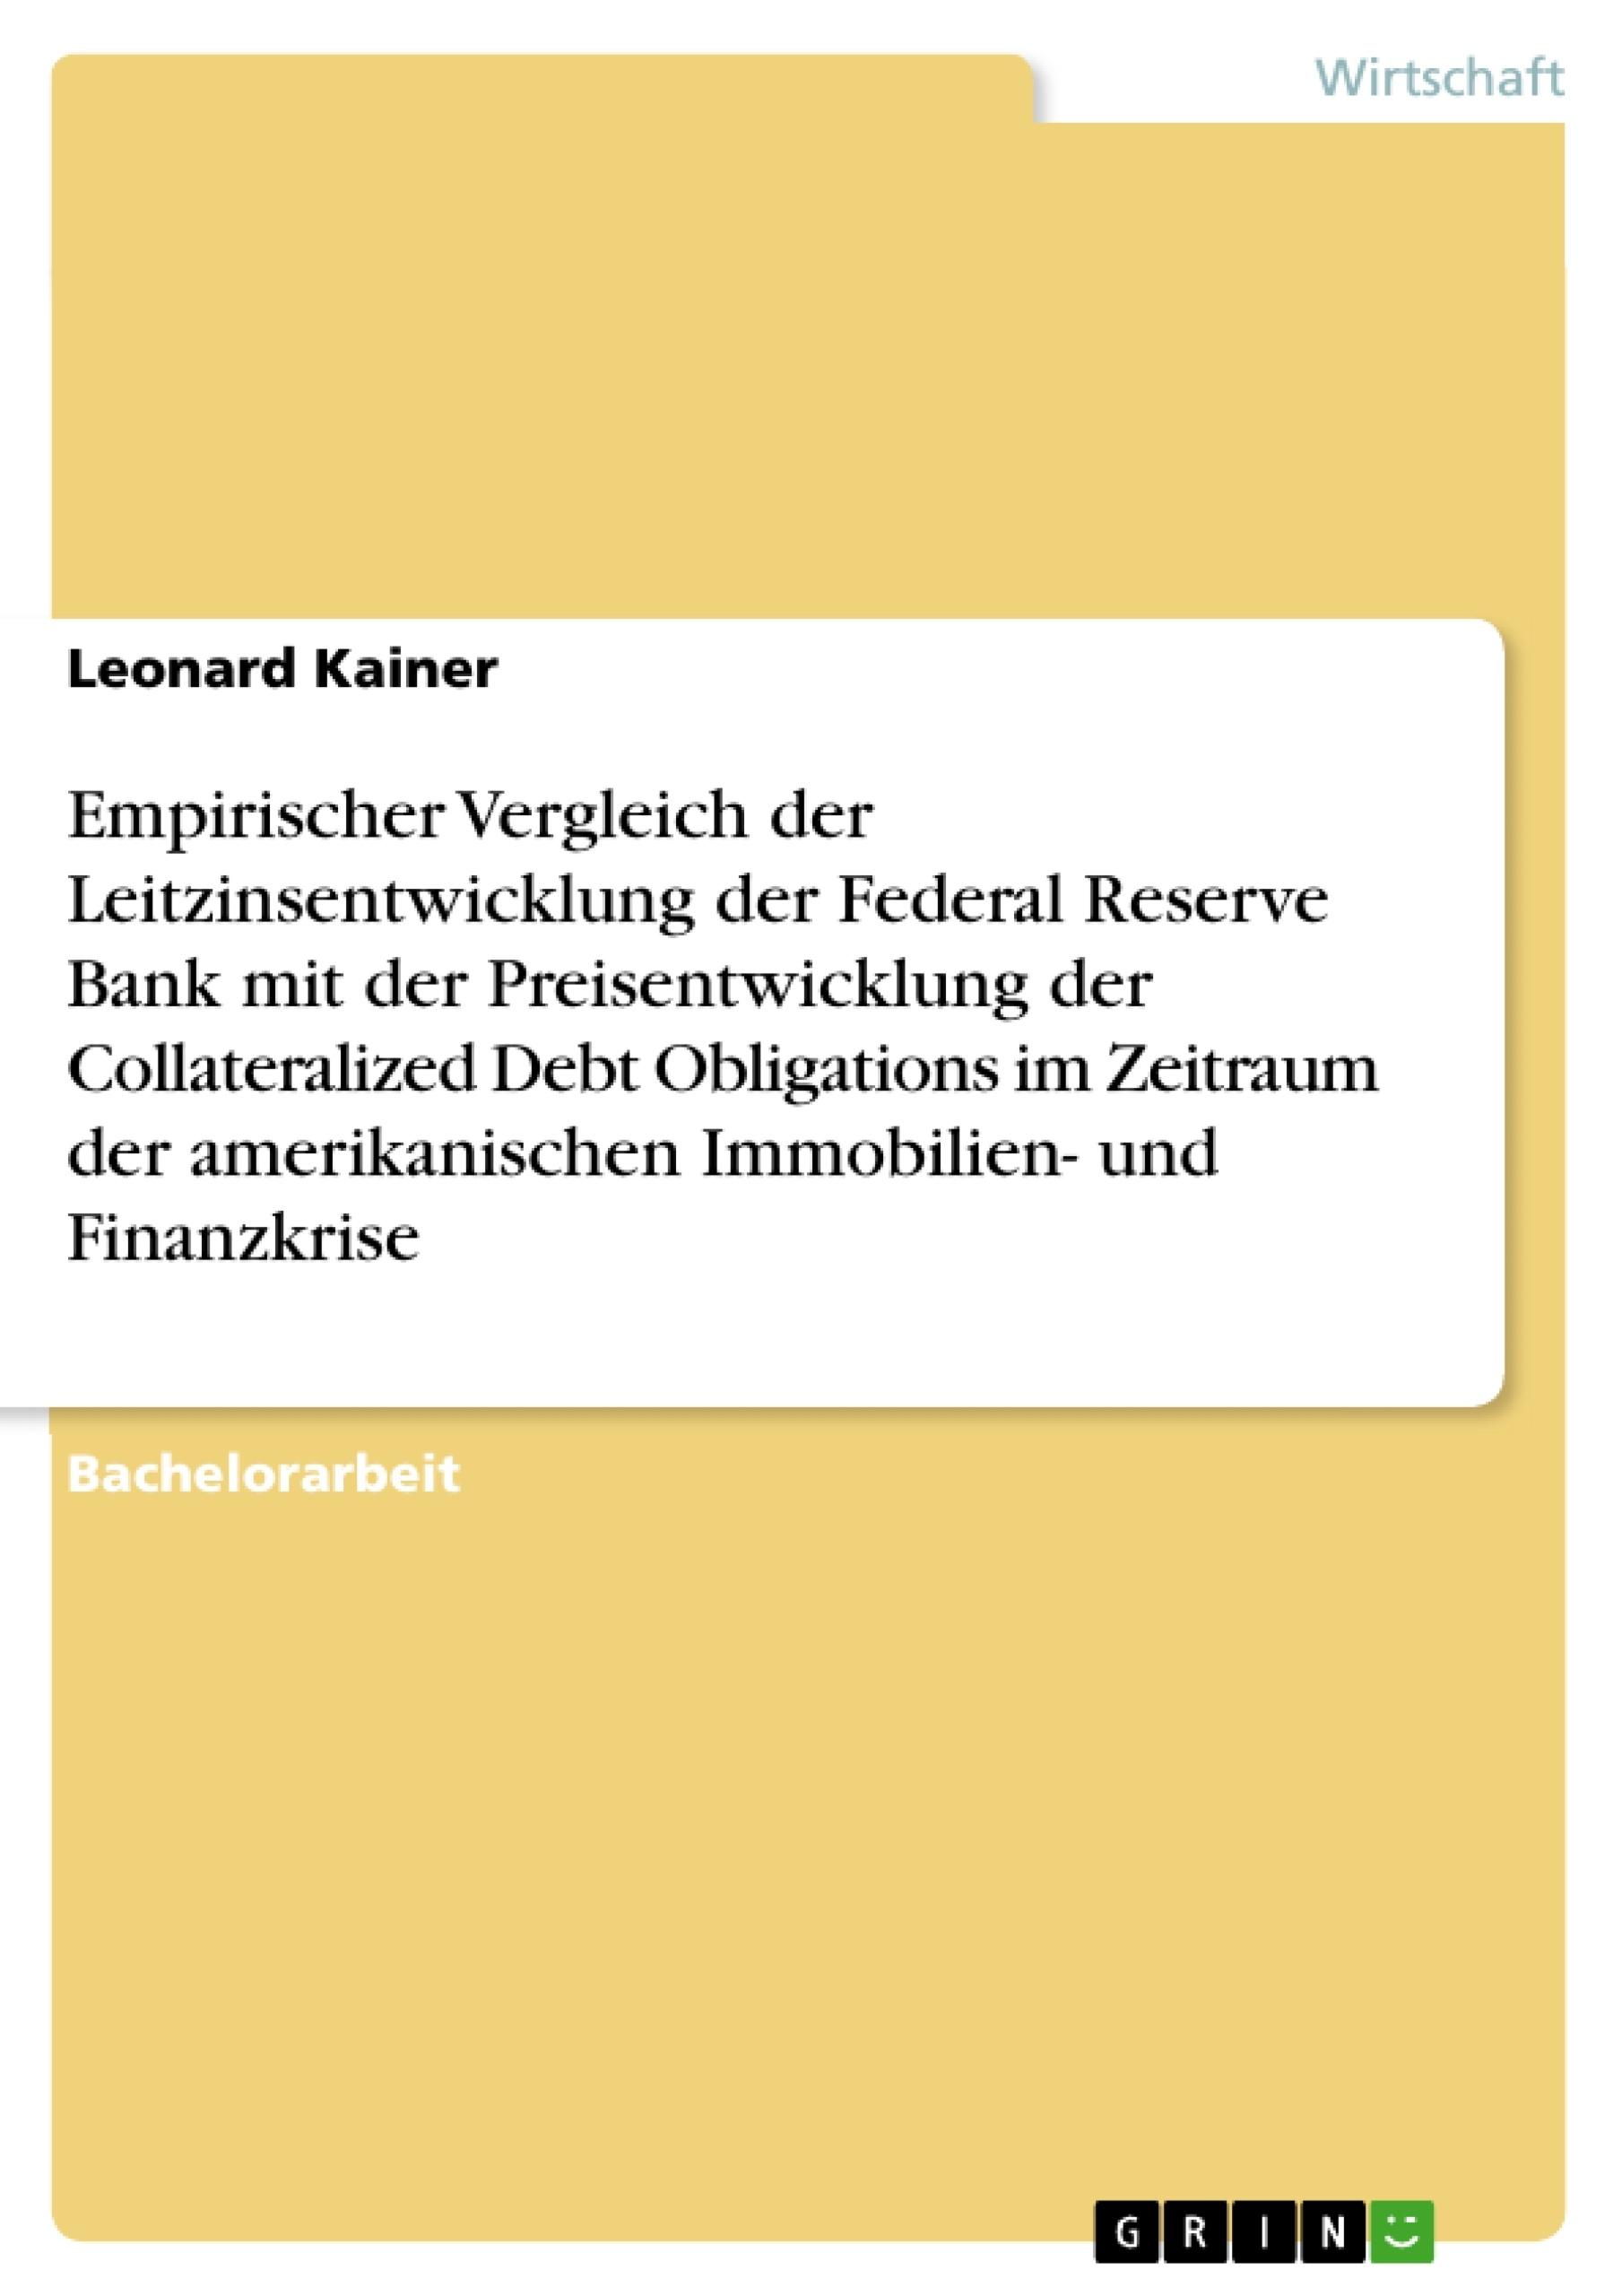 Titel: Empirischer Vergleich der Leitzinsentwicklung der Federal Reserve Bank mit der Preisentwicklung der Collateralized Debt Obligations im Zeitraum der amerikanischen Immobilien- und Finanzkrise